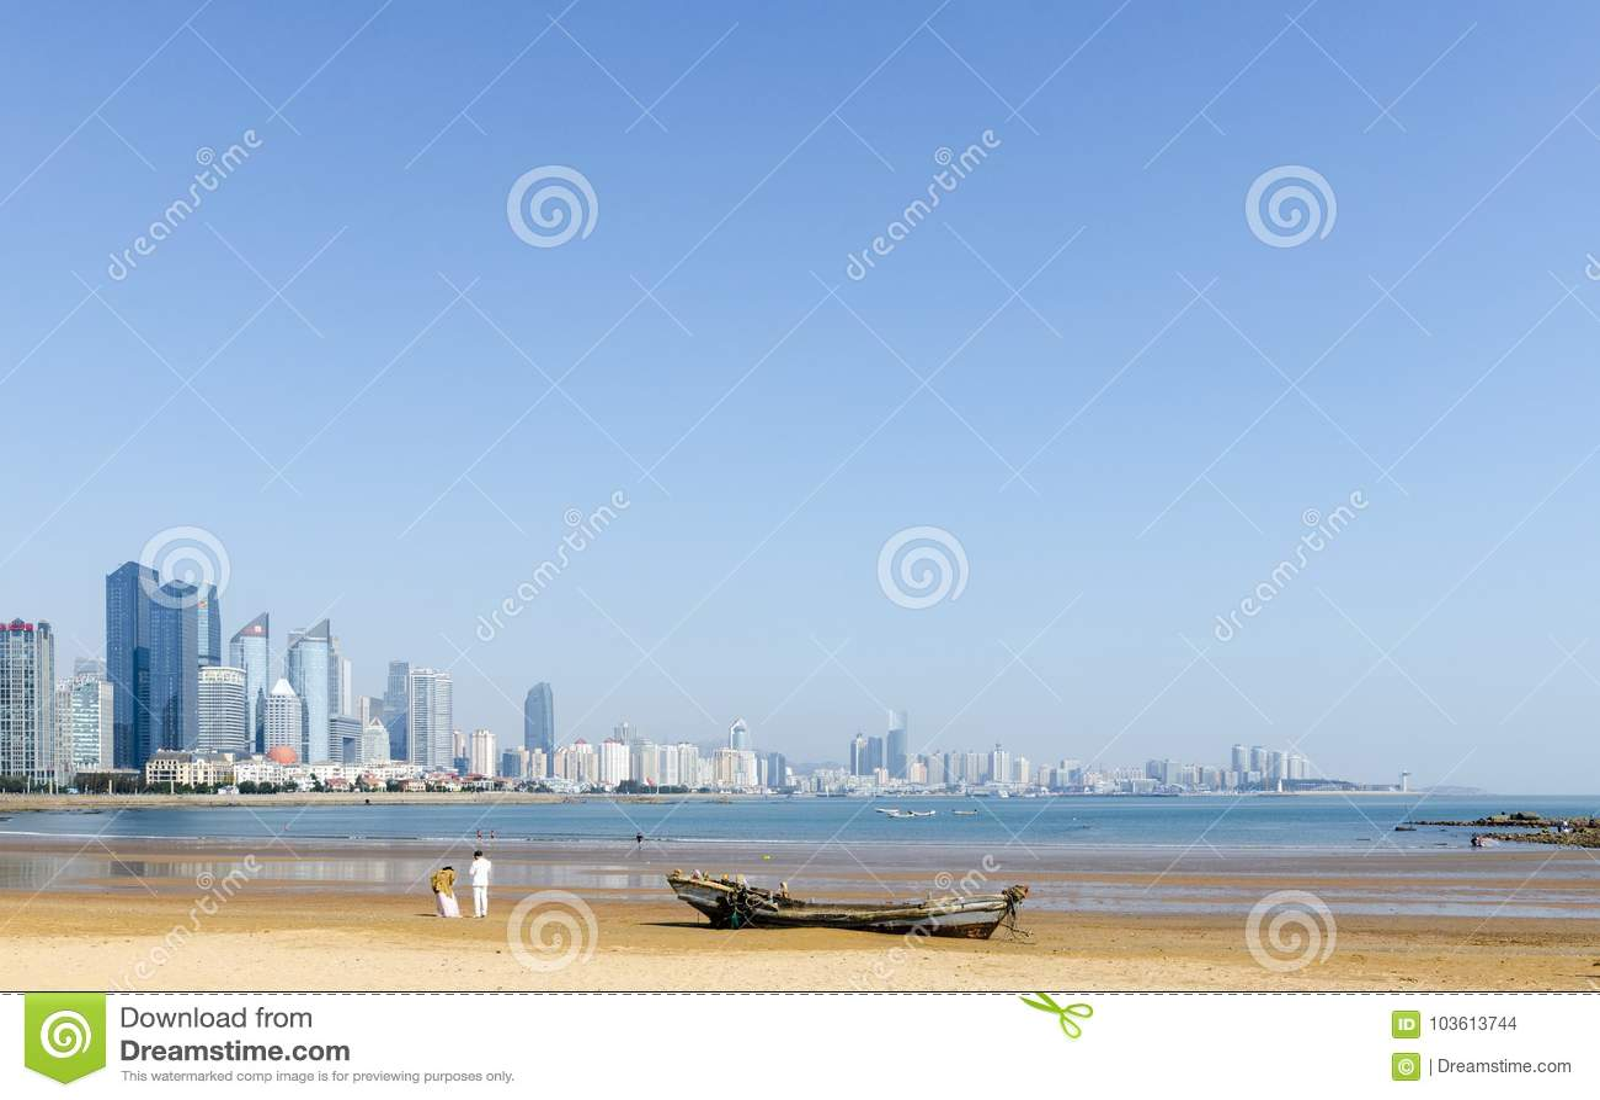 Сцены взморья Qingdao